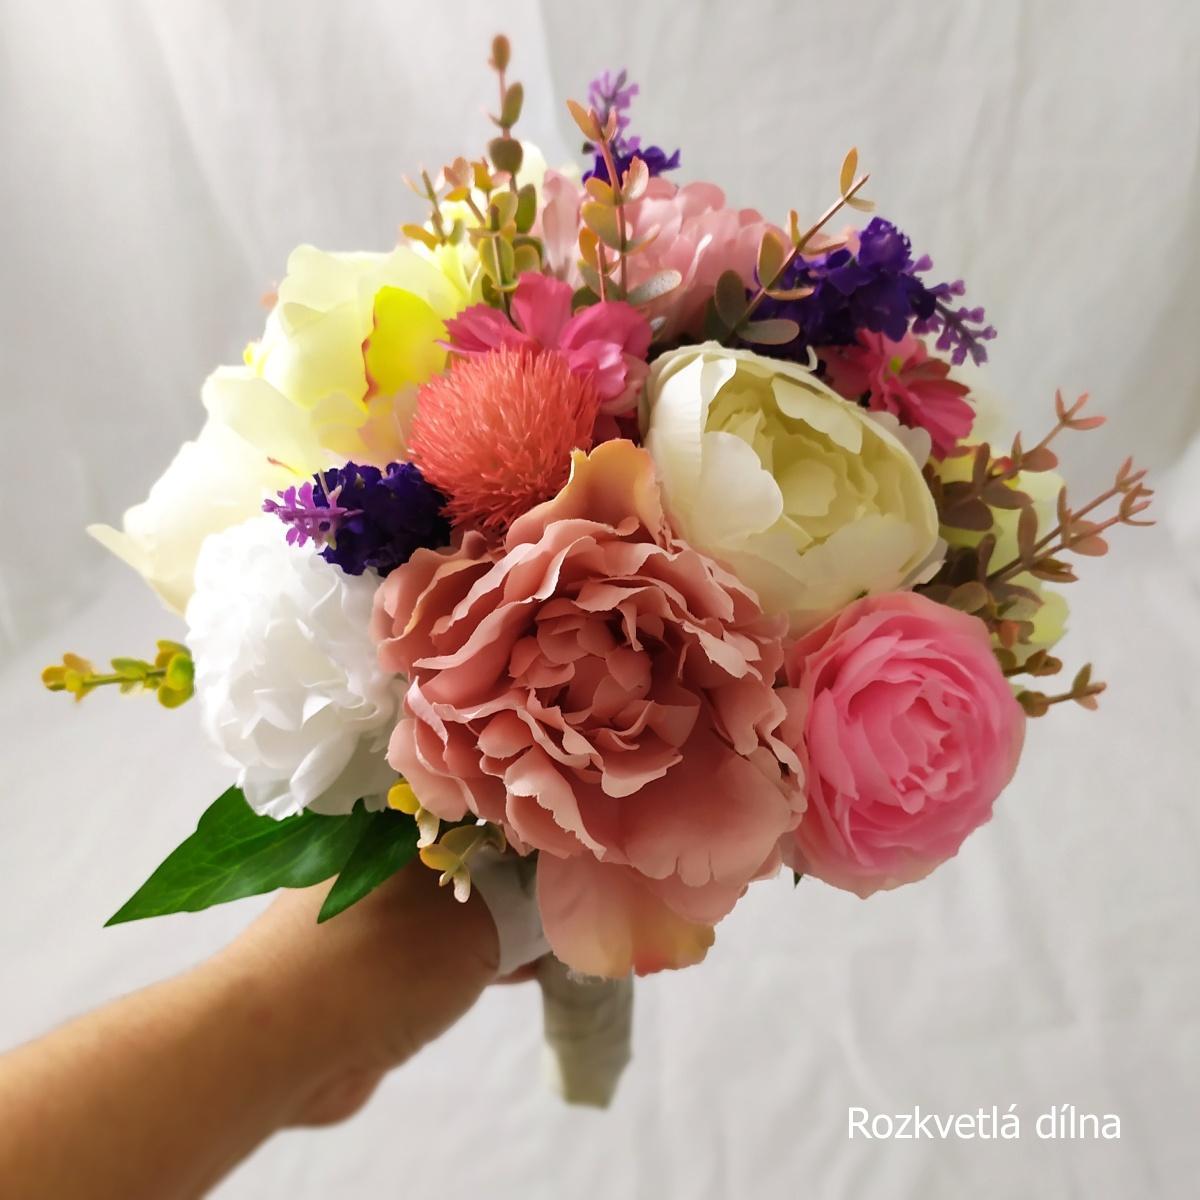 Umělá kytice z pivoněk a pryskyřníků  - Obrázek č. 2